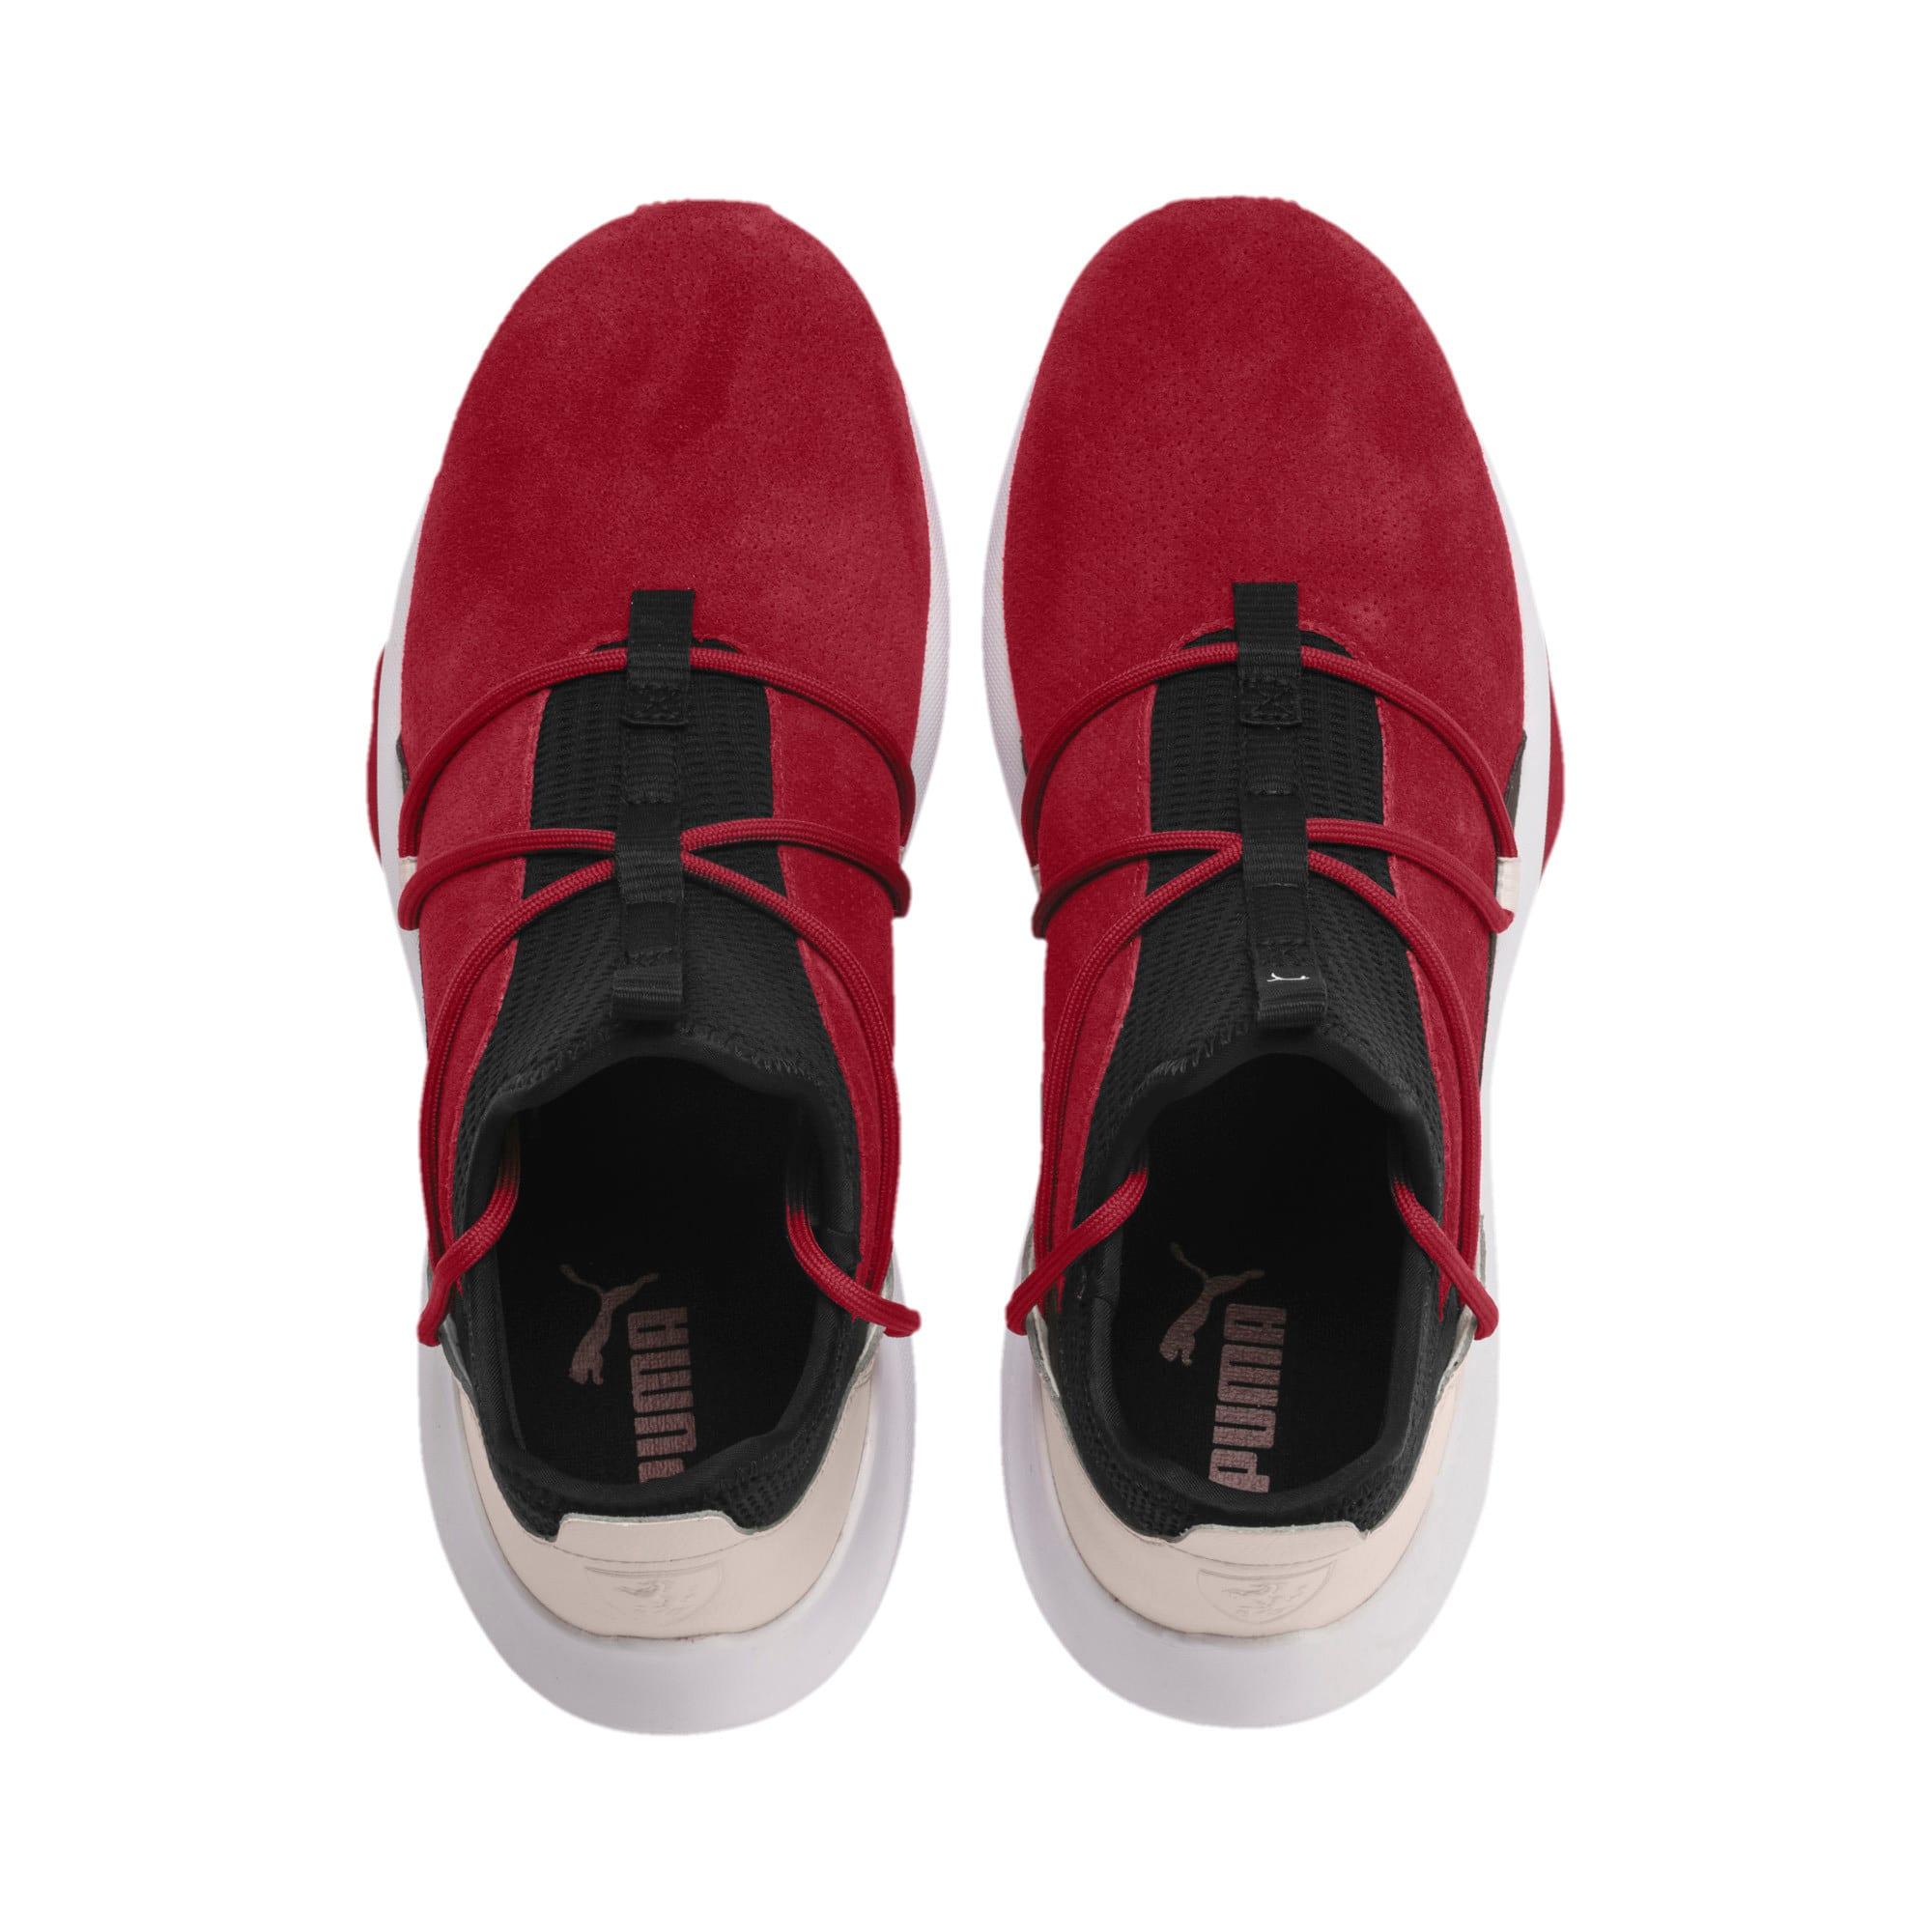 Miniatura 7 de Zapatos de entrenamiento de gamuzaScuderiaFerrariEvo Cat II, Rhubarb-Blk-PastelParchment, mediano